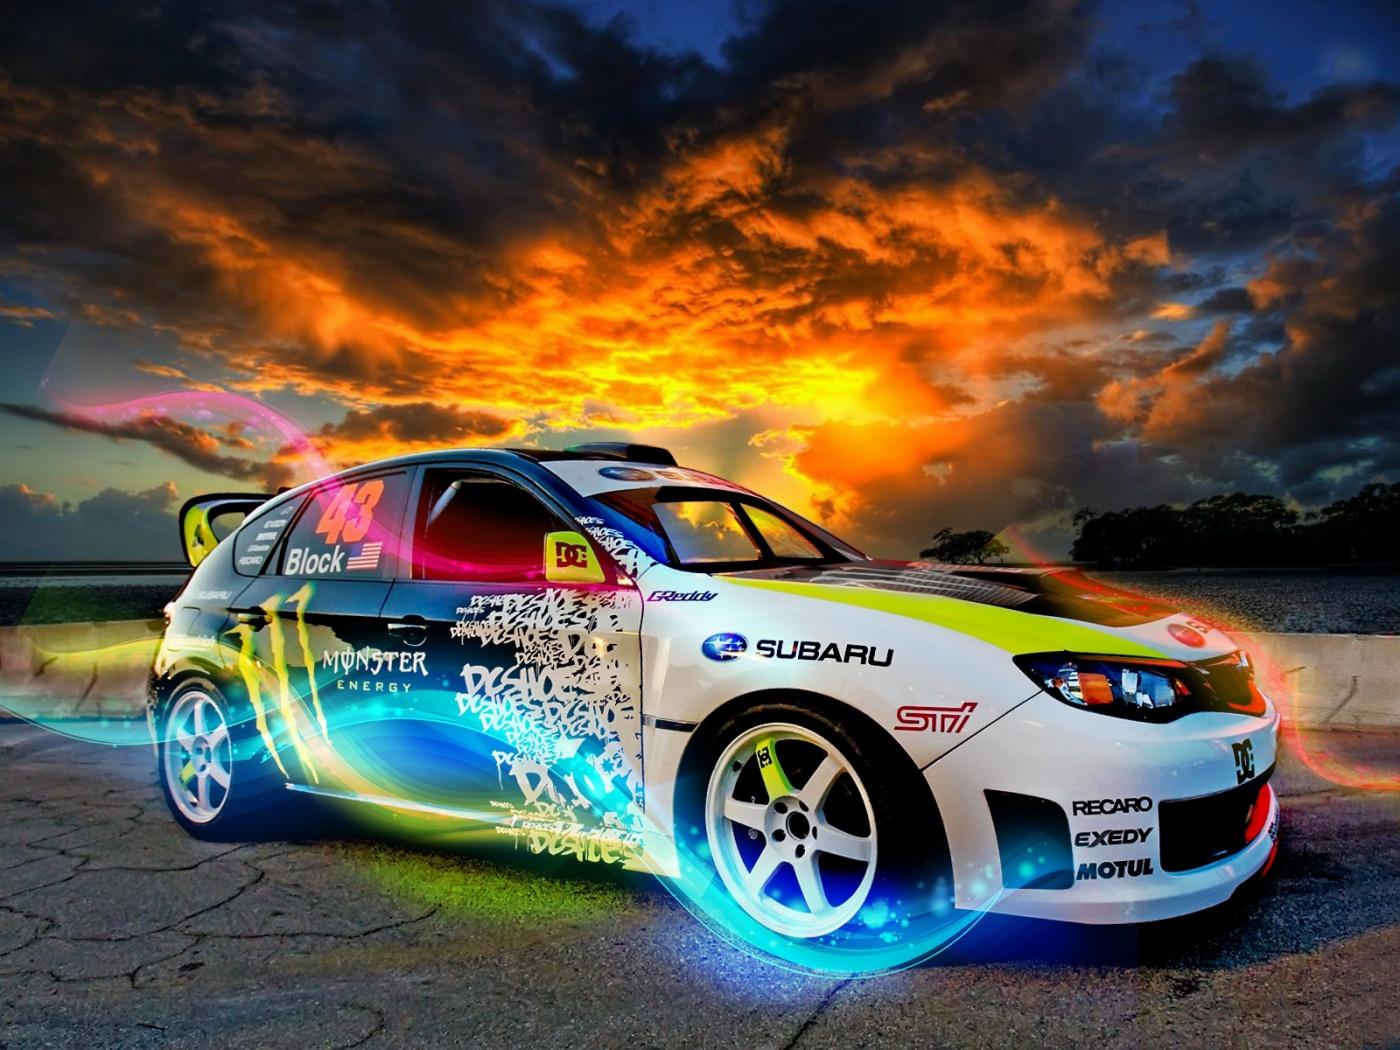 download download Pimped Car Ken Block Subaru wallpaper 1400x1050